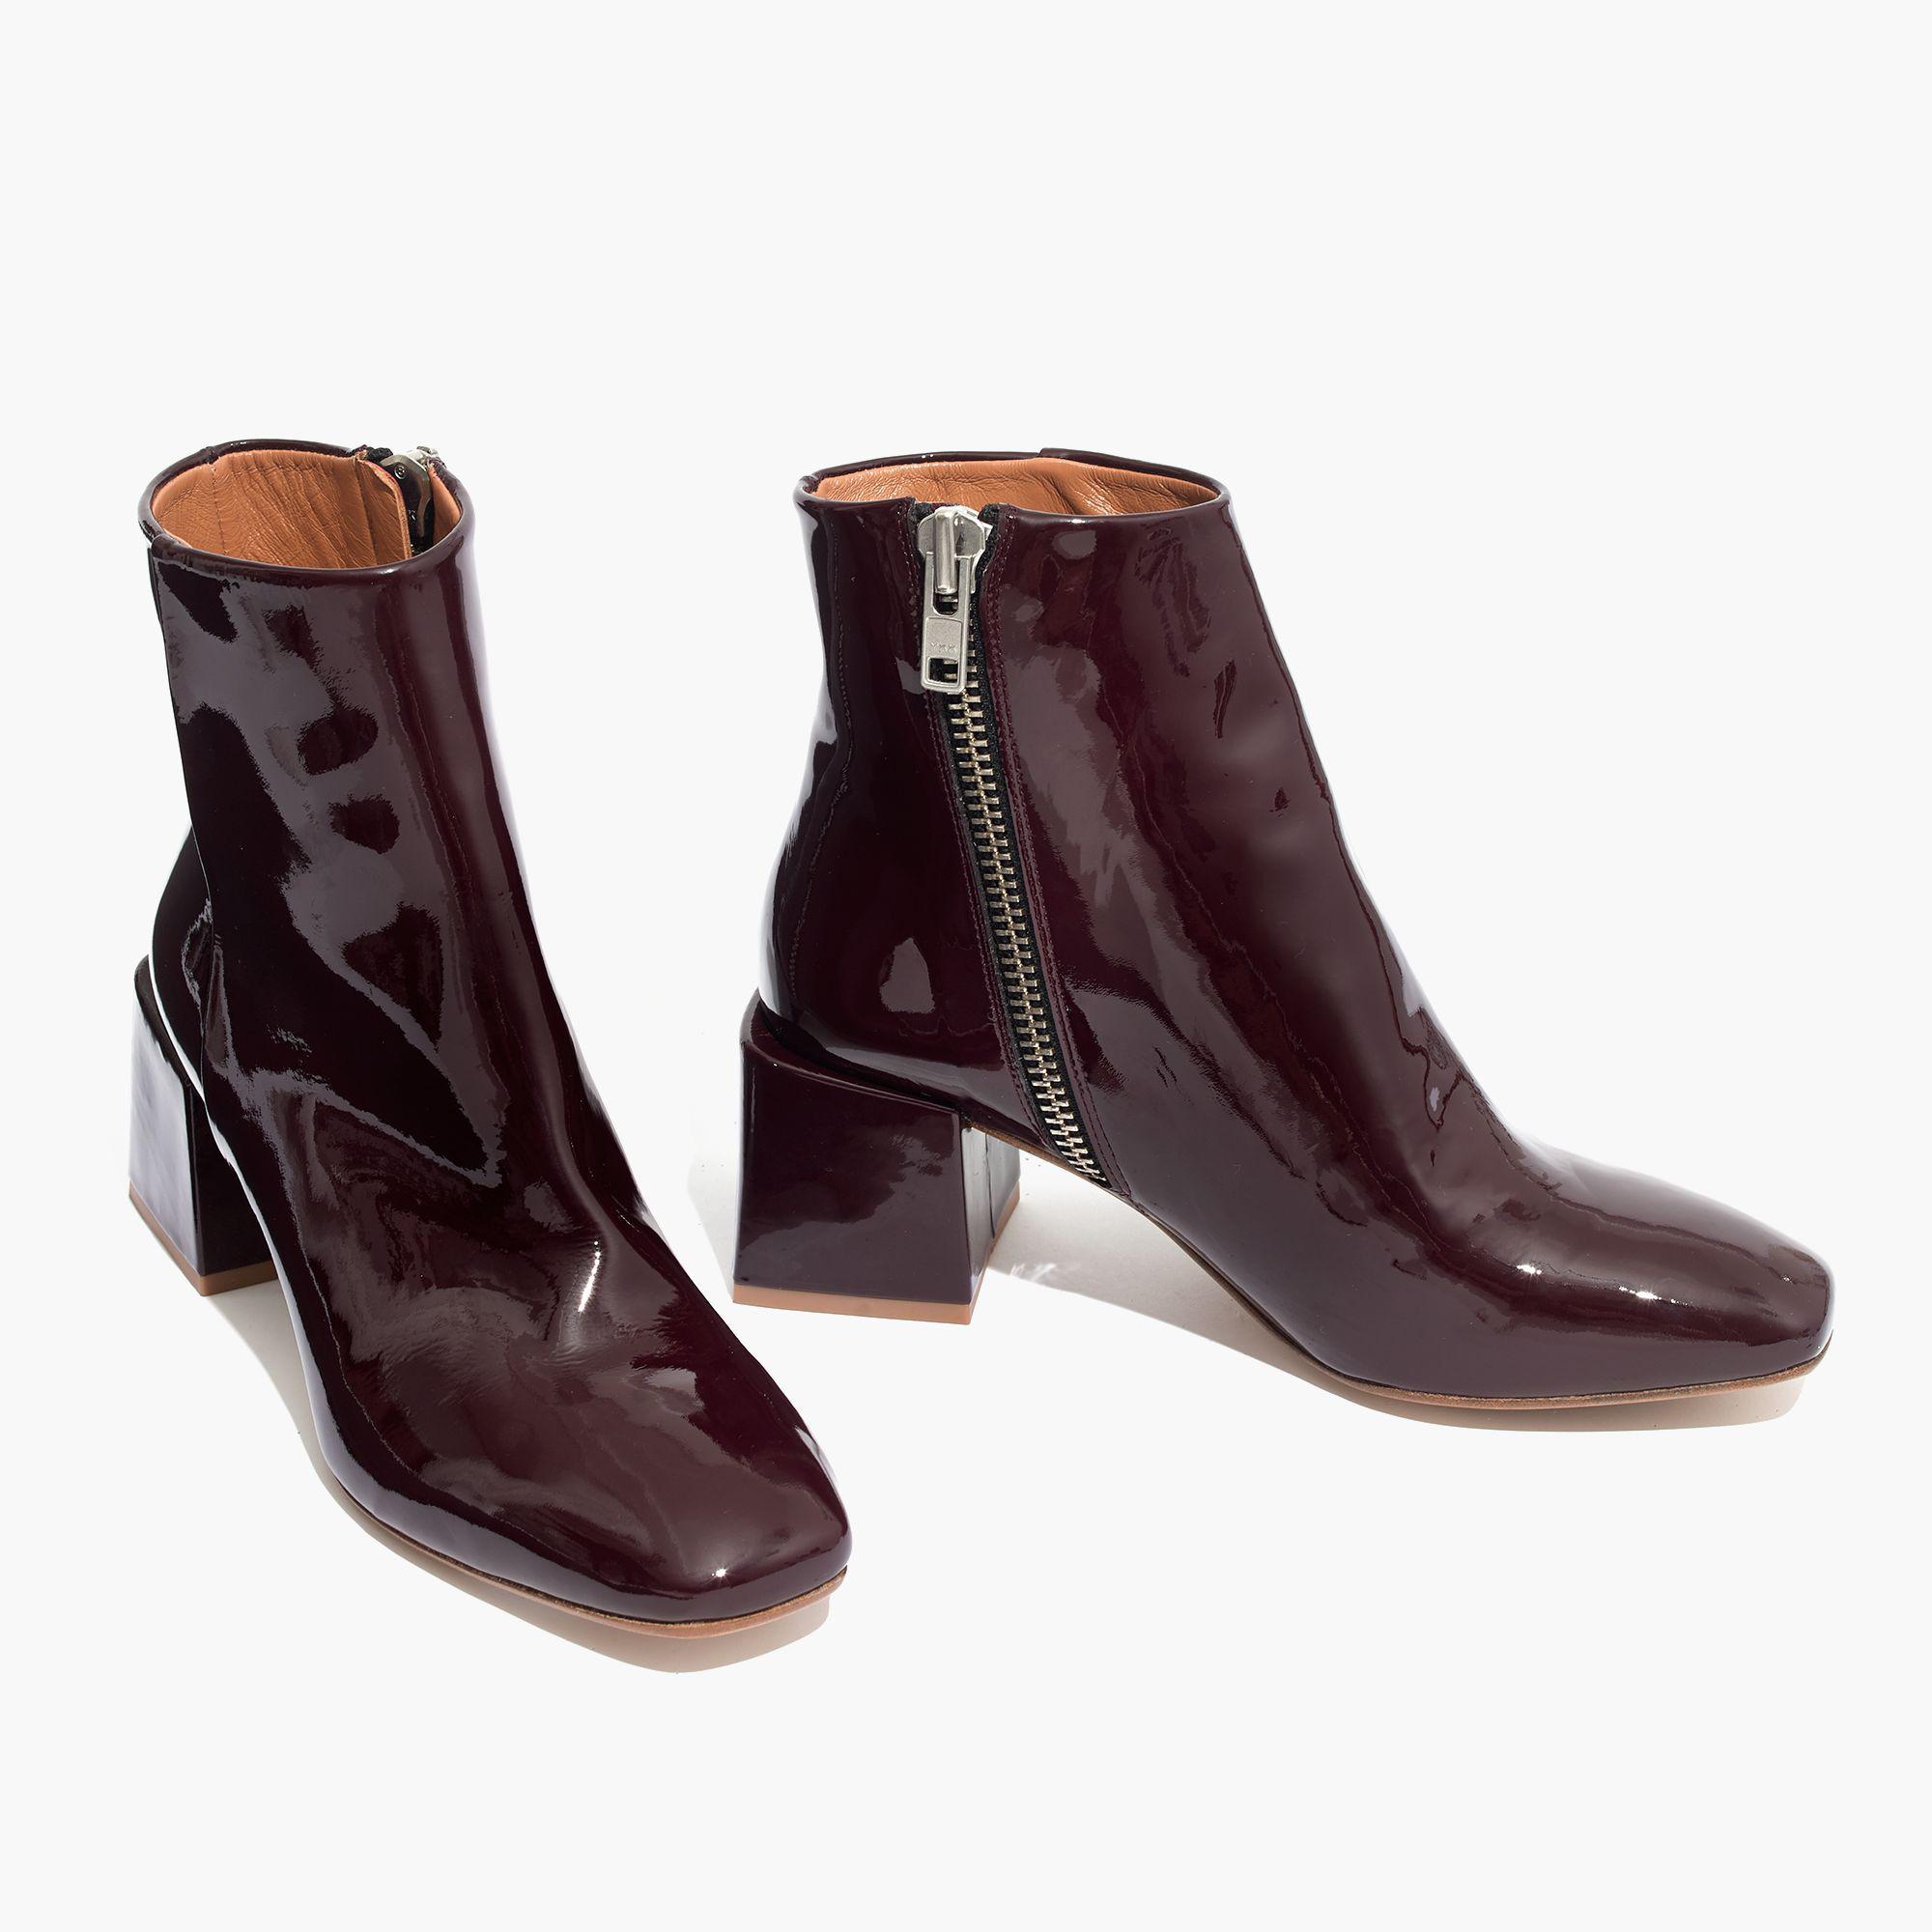 Loq Uk Shoes